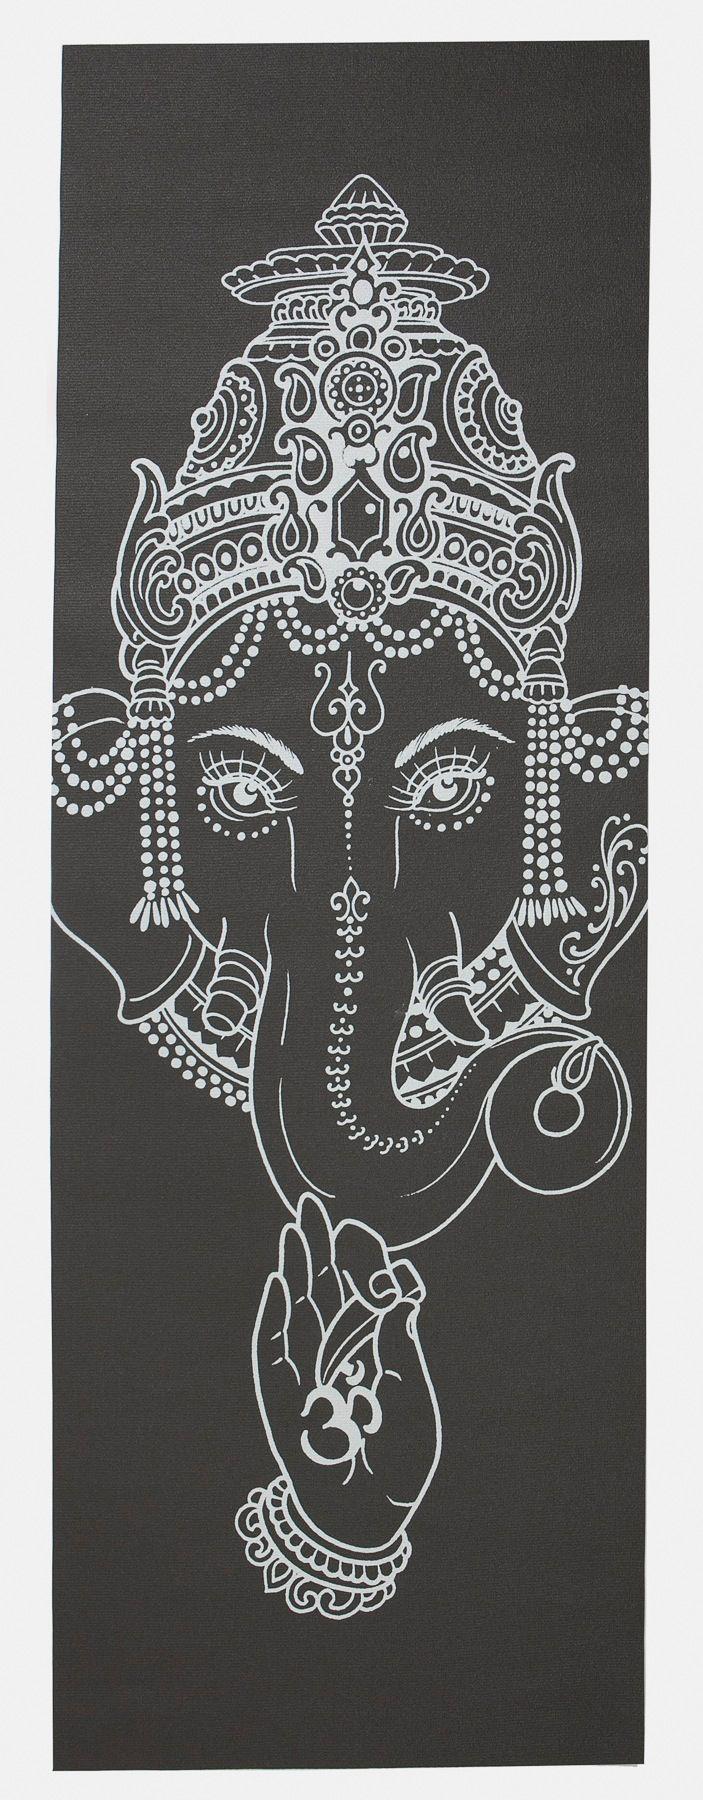 Image of Ganesh stone - yogamat by yoniyoga